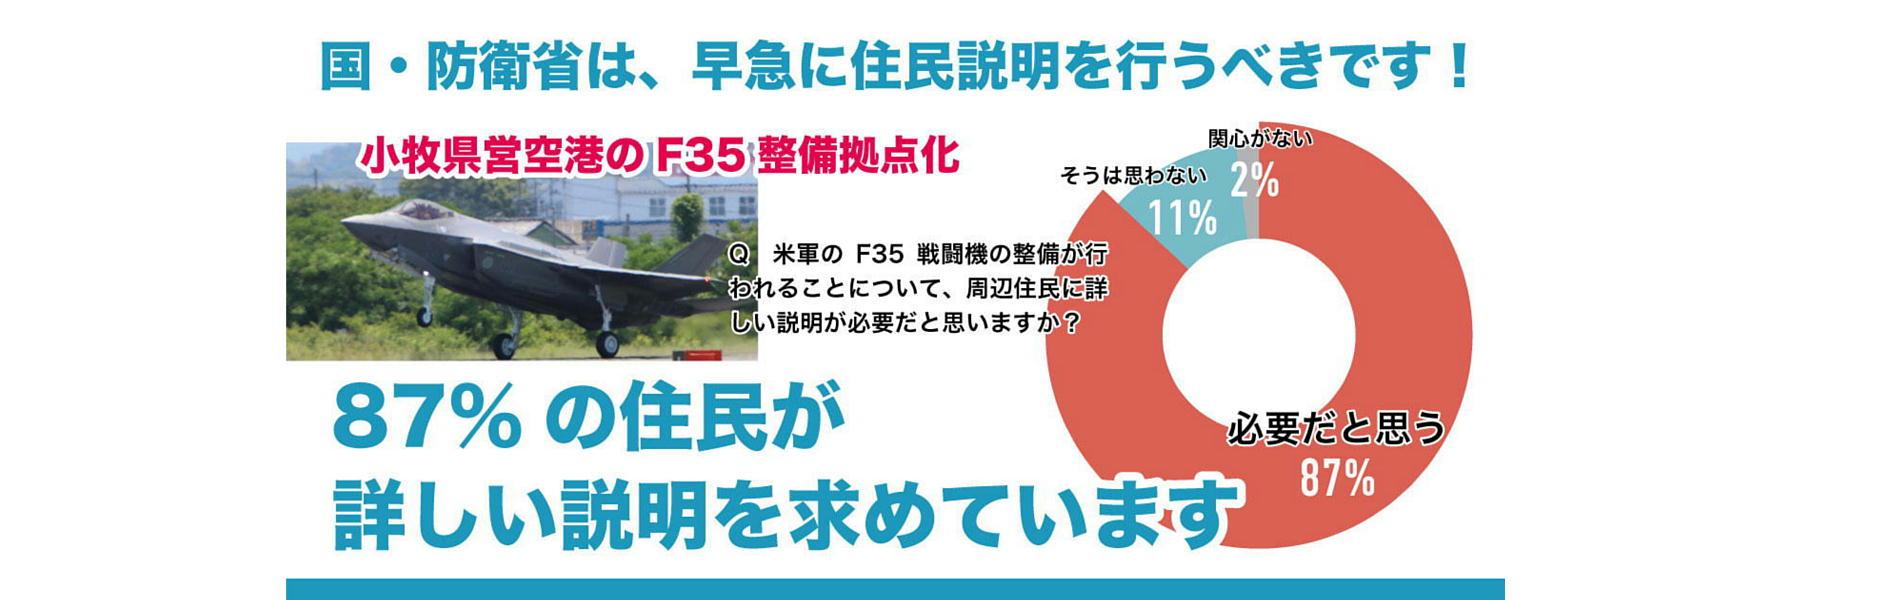 F35の整備拠点化は中止するべきです